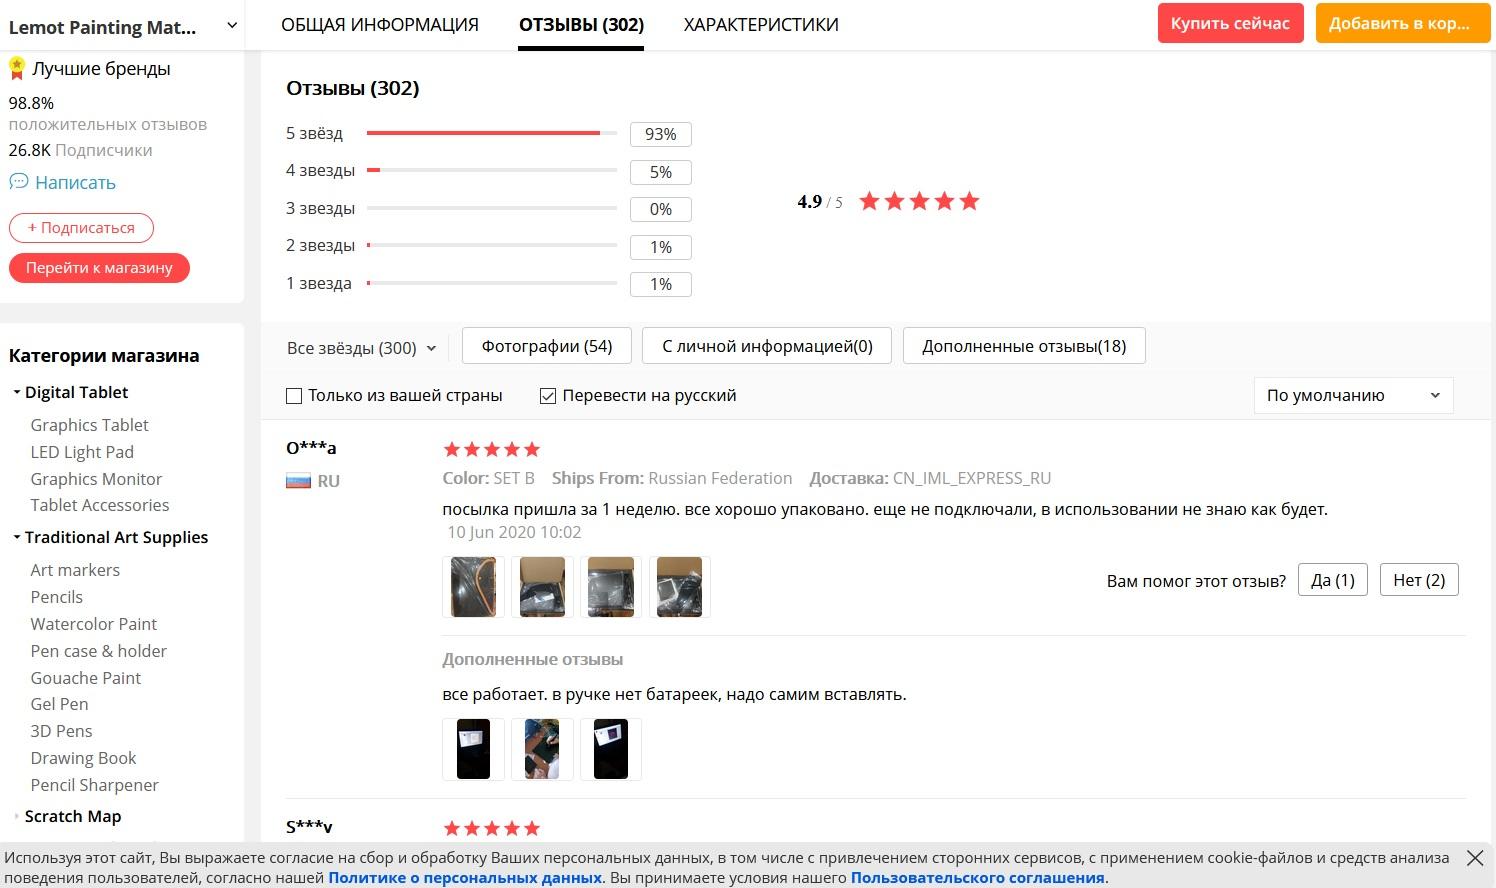 Отзывы о графическом планшете Kenting K5540